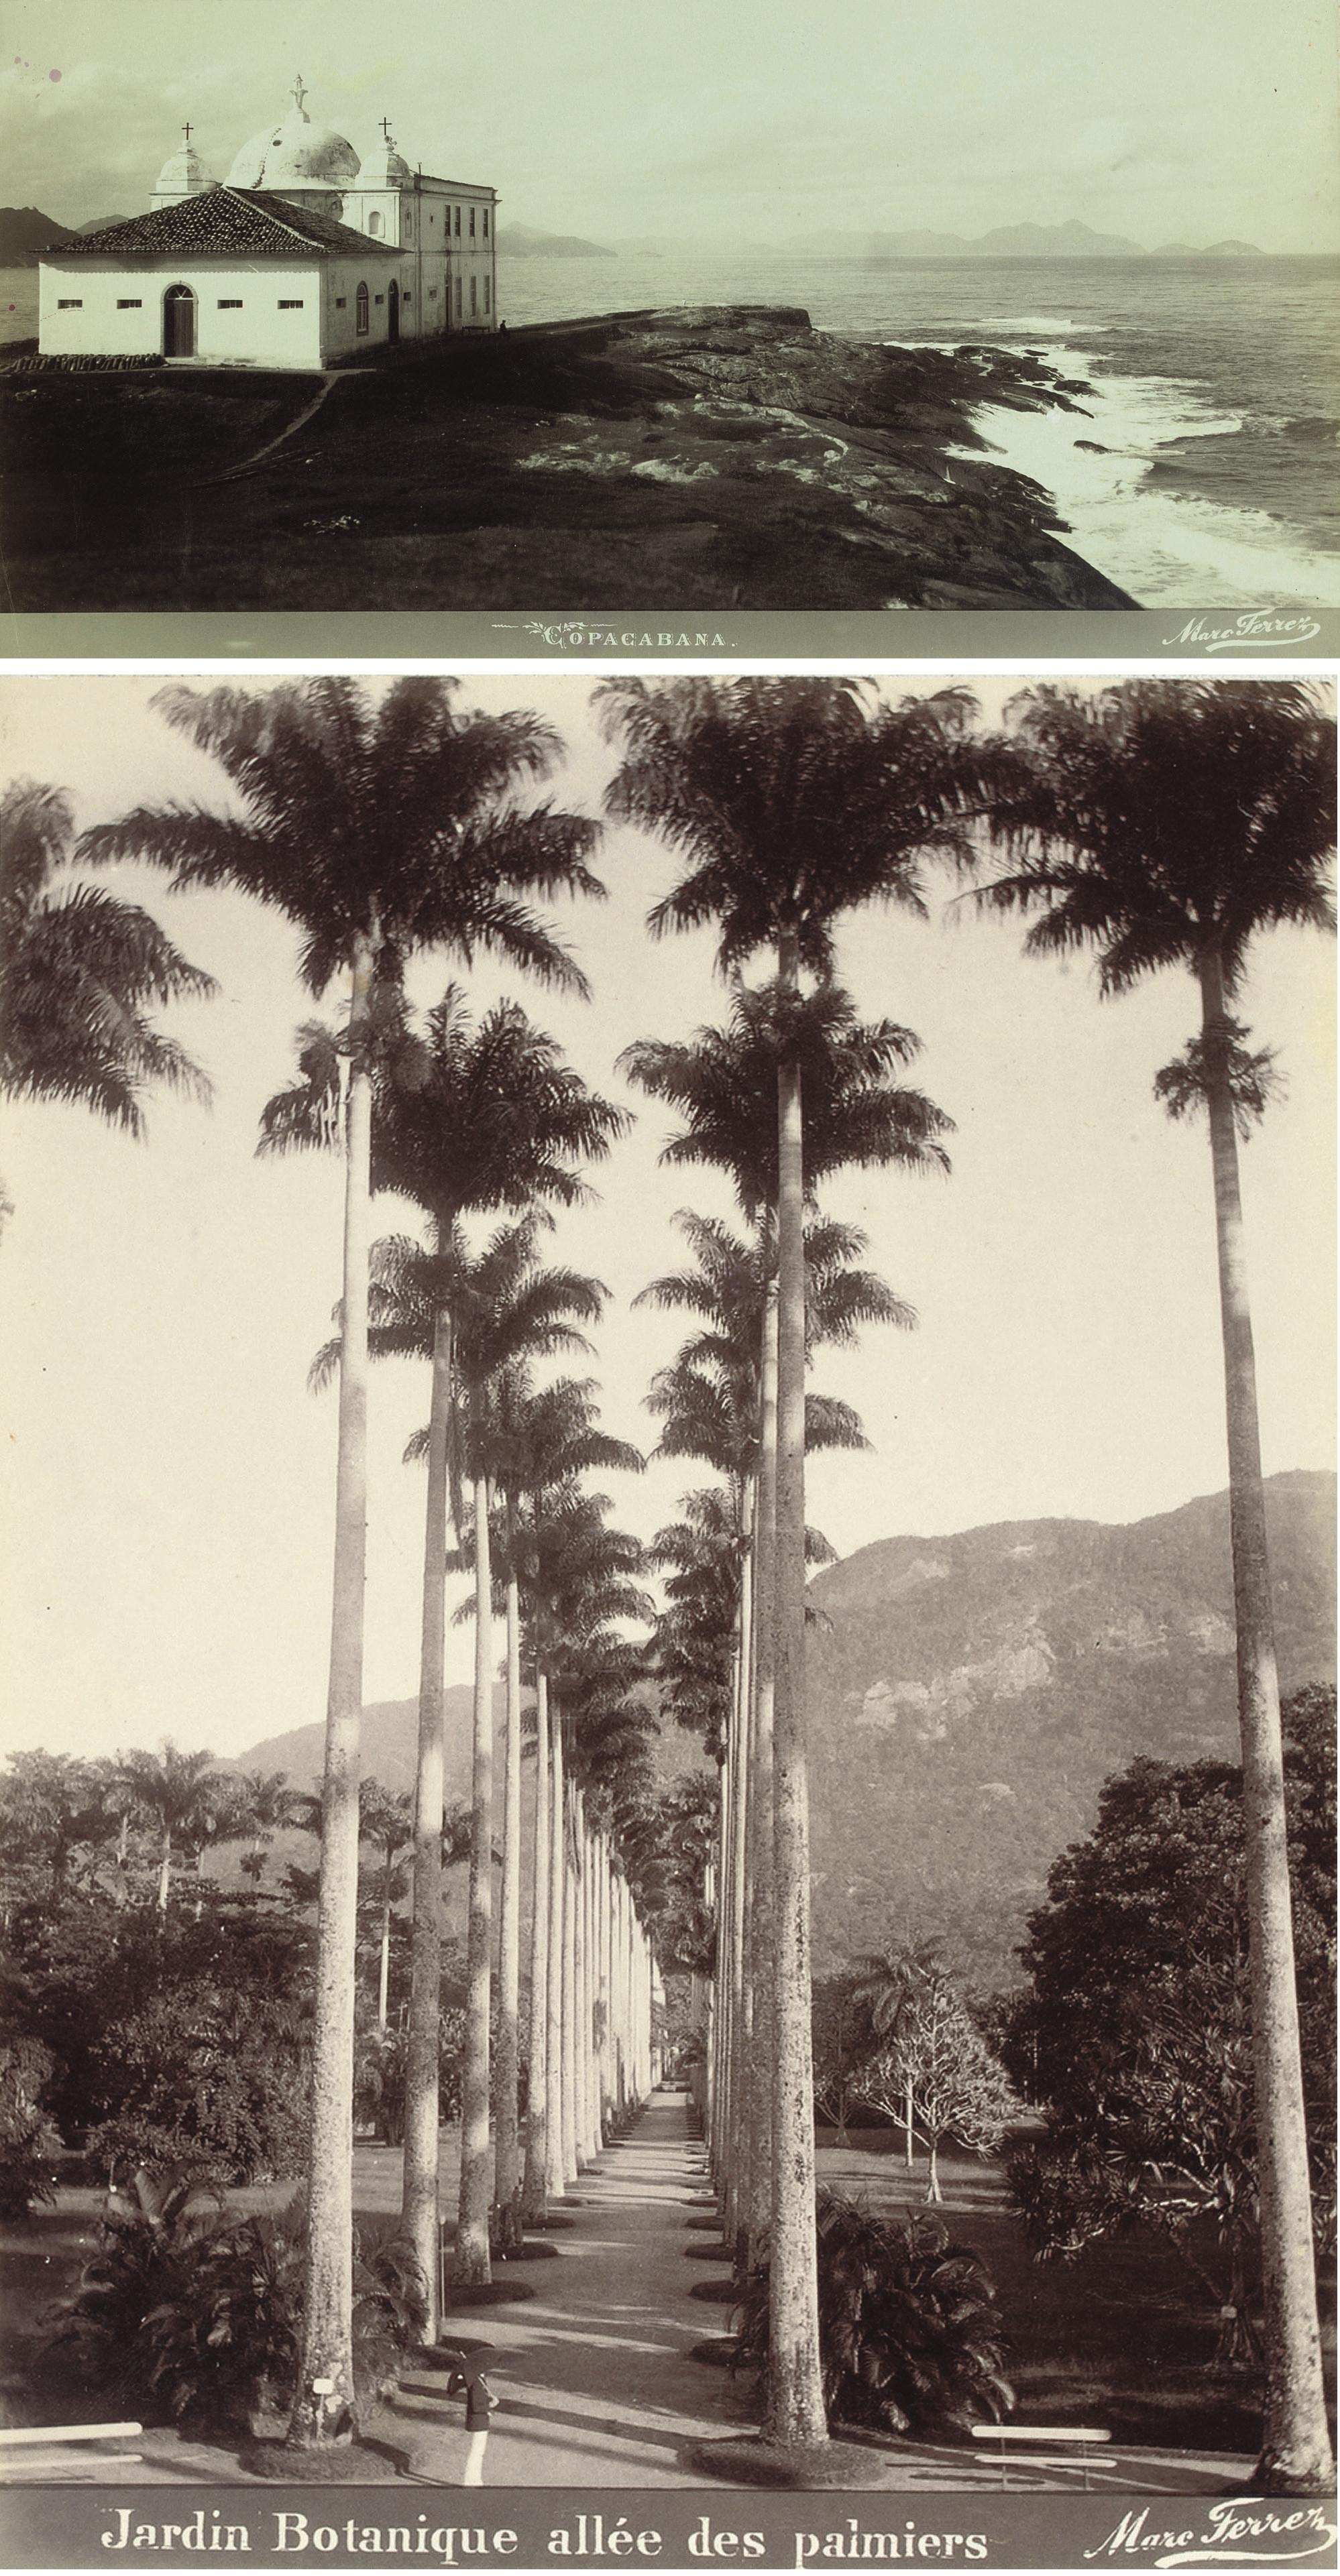 Reiseerinnerungen F Schwoerer, San Nicolas Cintra 1894. 1895.